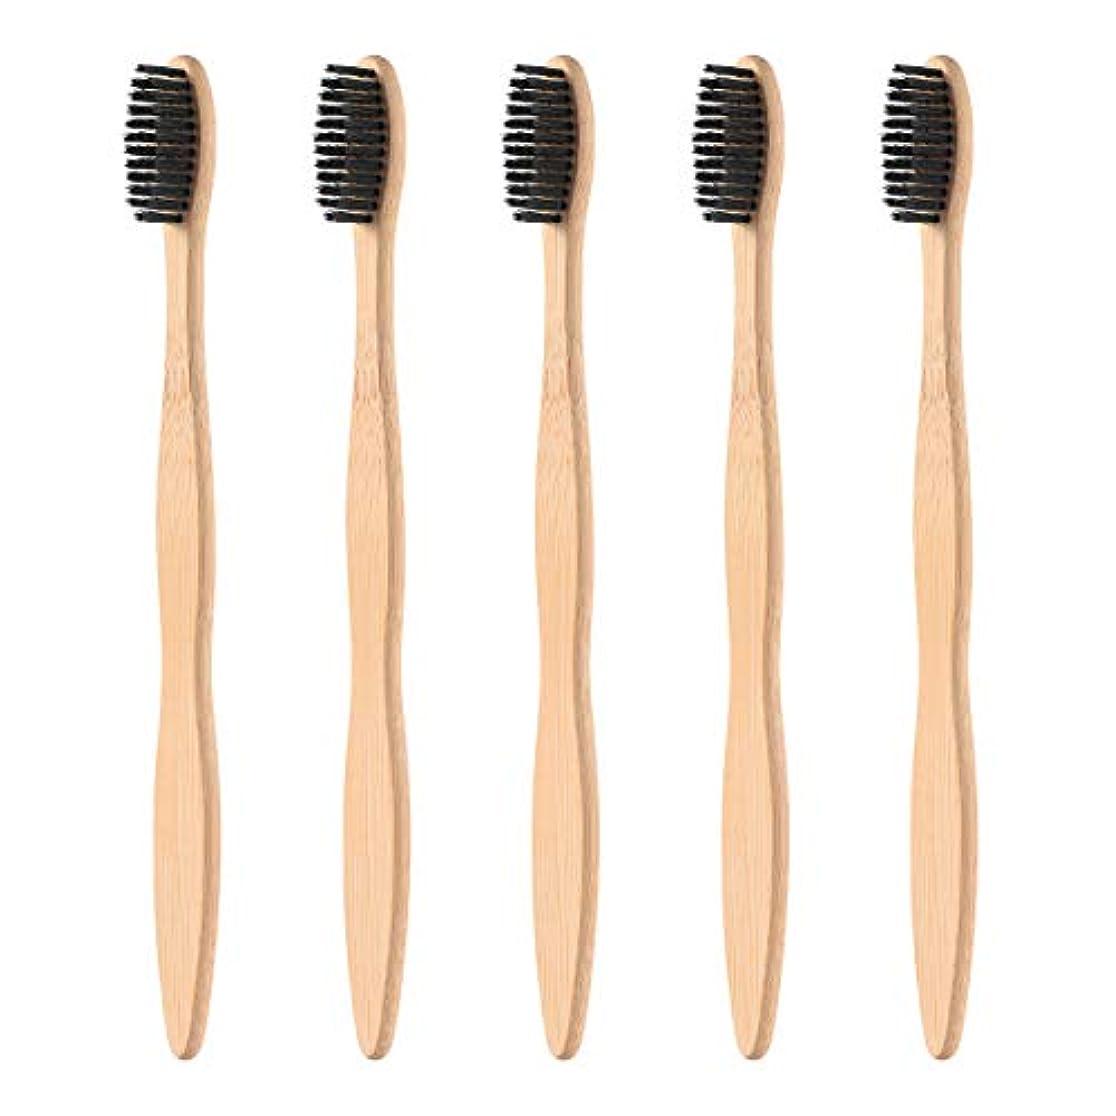 検索エンジンマーケティングめんどりキャッチHealifty 柔らかい黒い剛毛が付いている5pcsタケハンドルの歯ブラシの自然な木のEcoの友好的な歯ブラシ